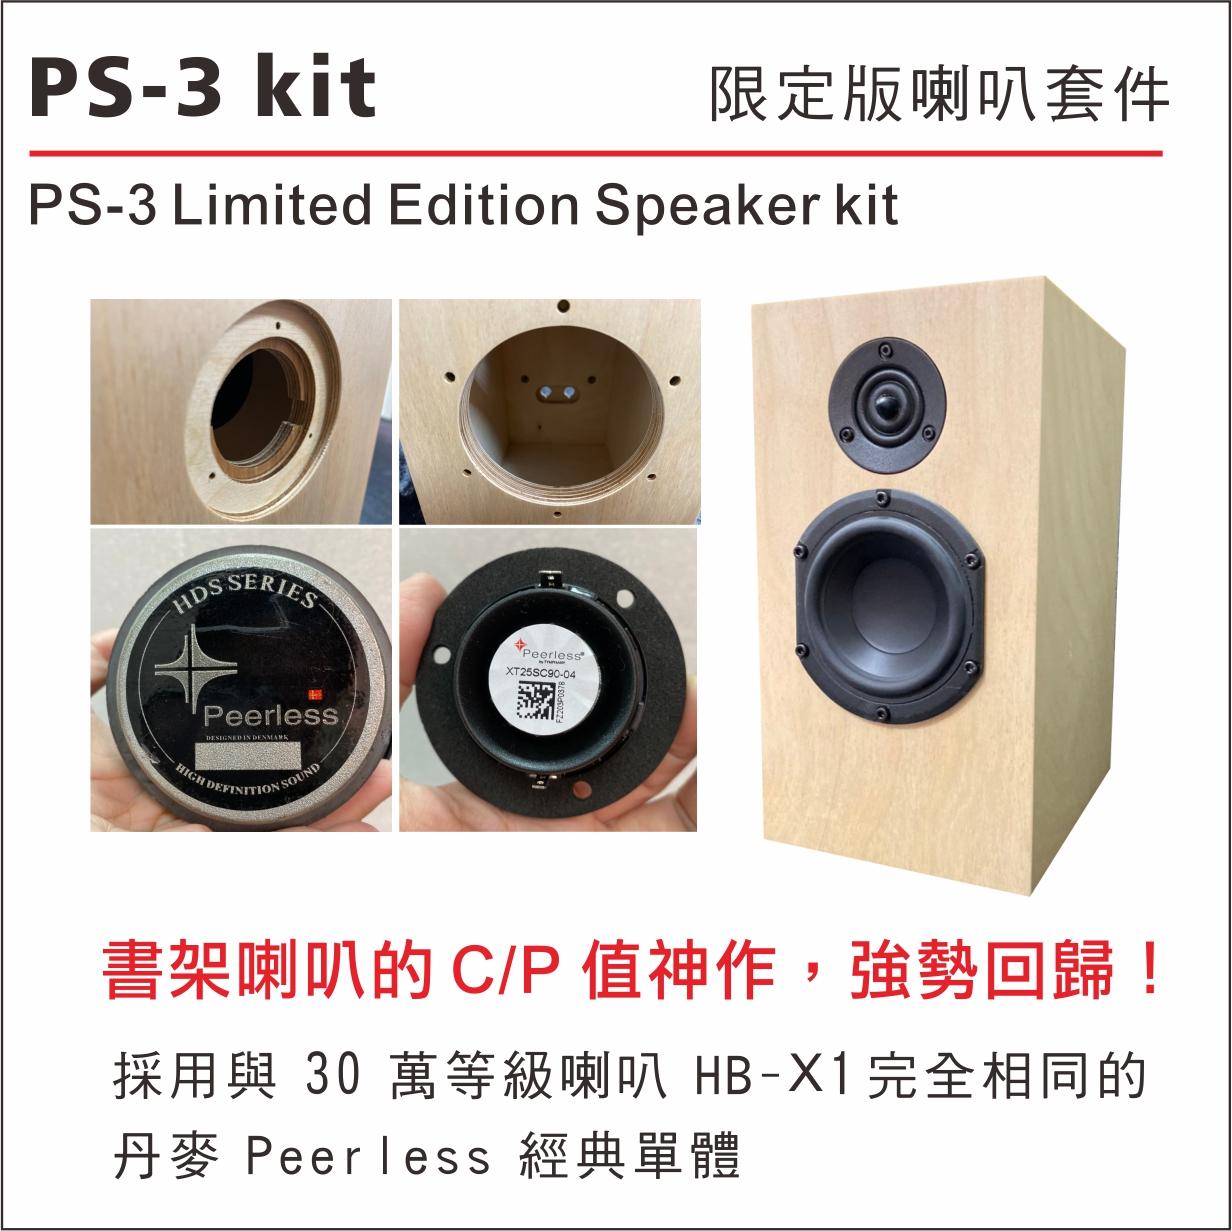 PS-3書架型喇叭kit(套件版)